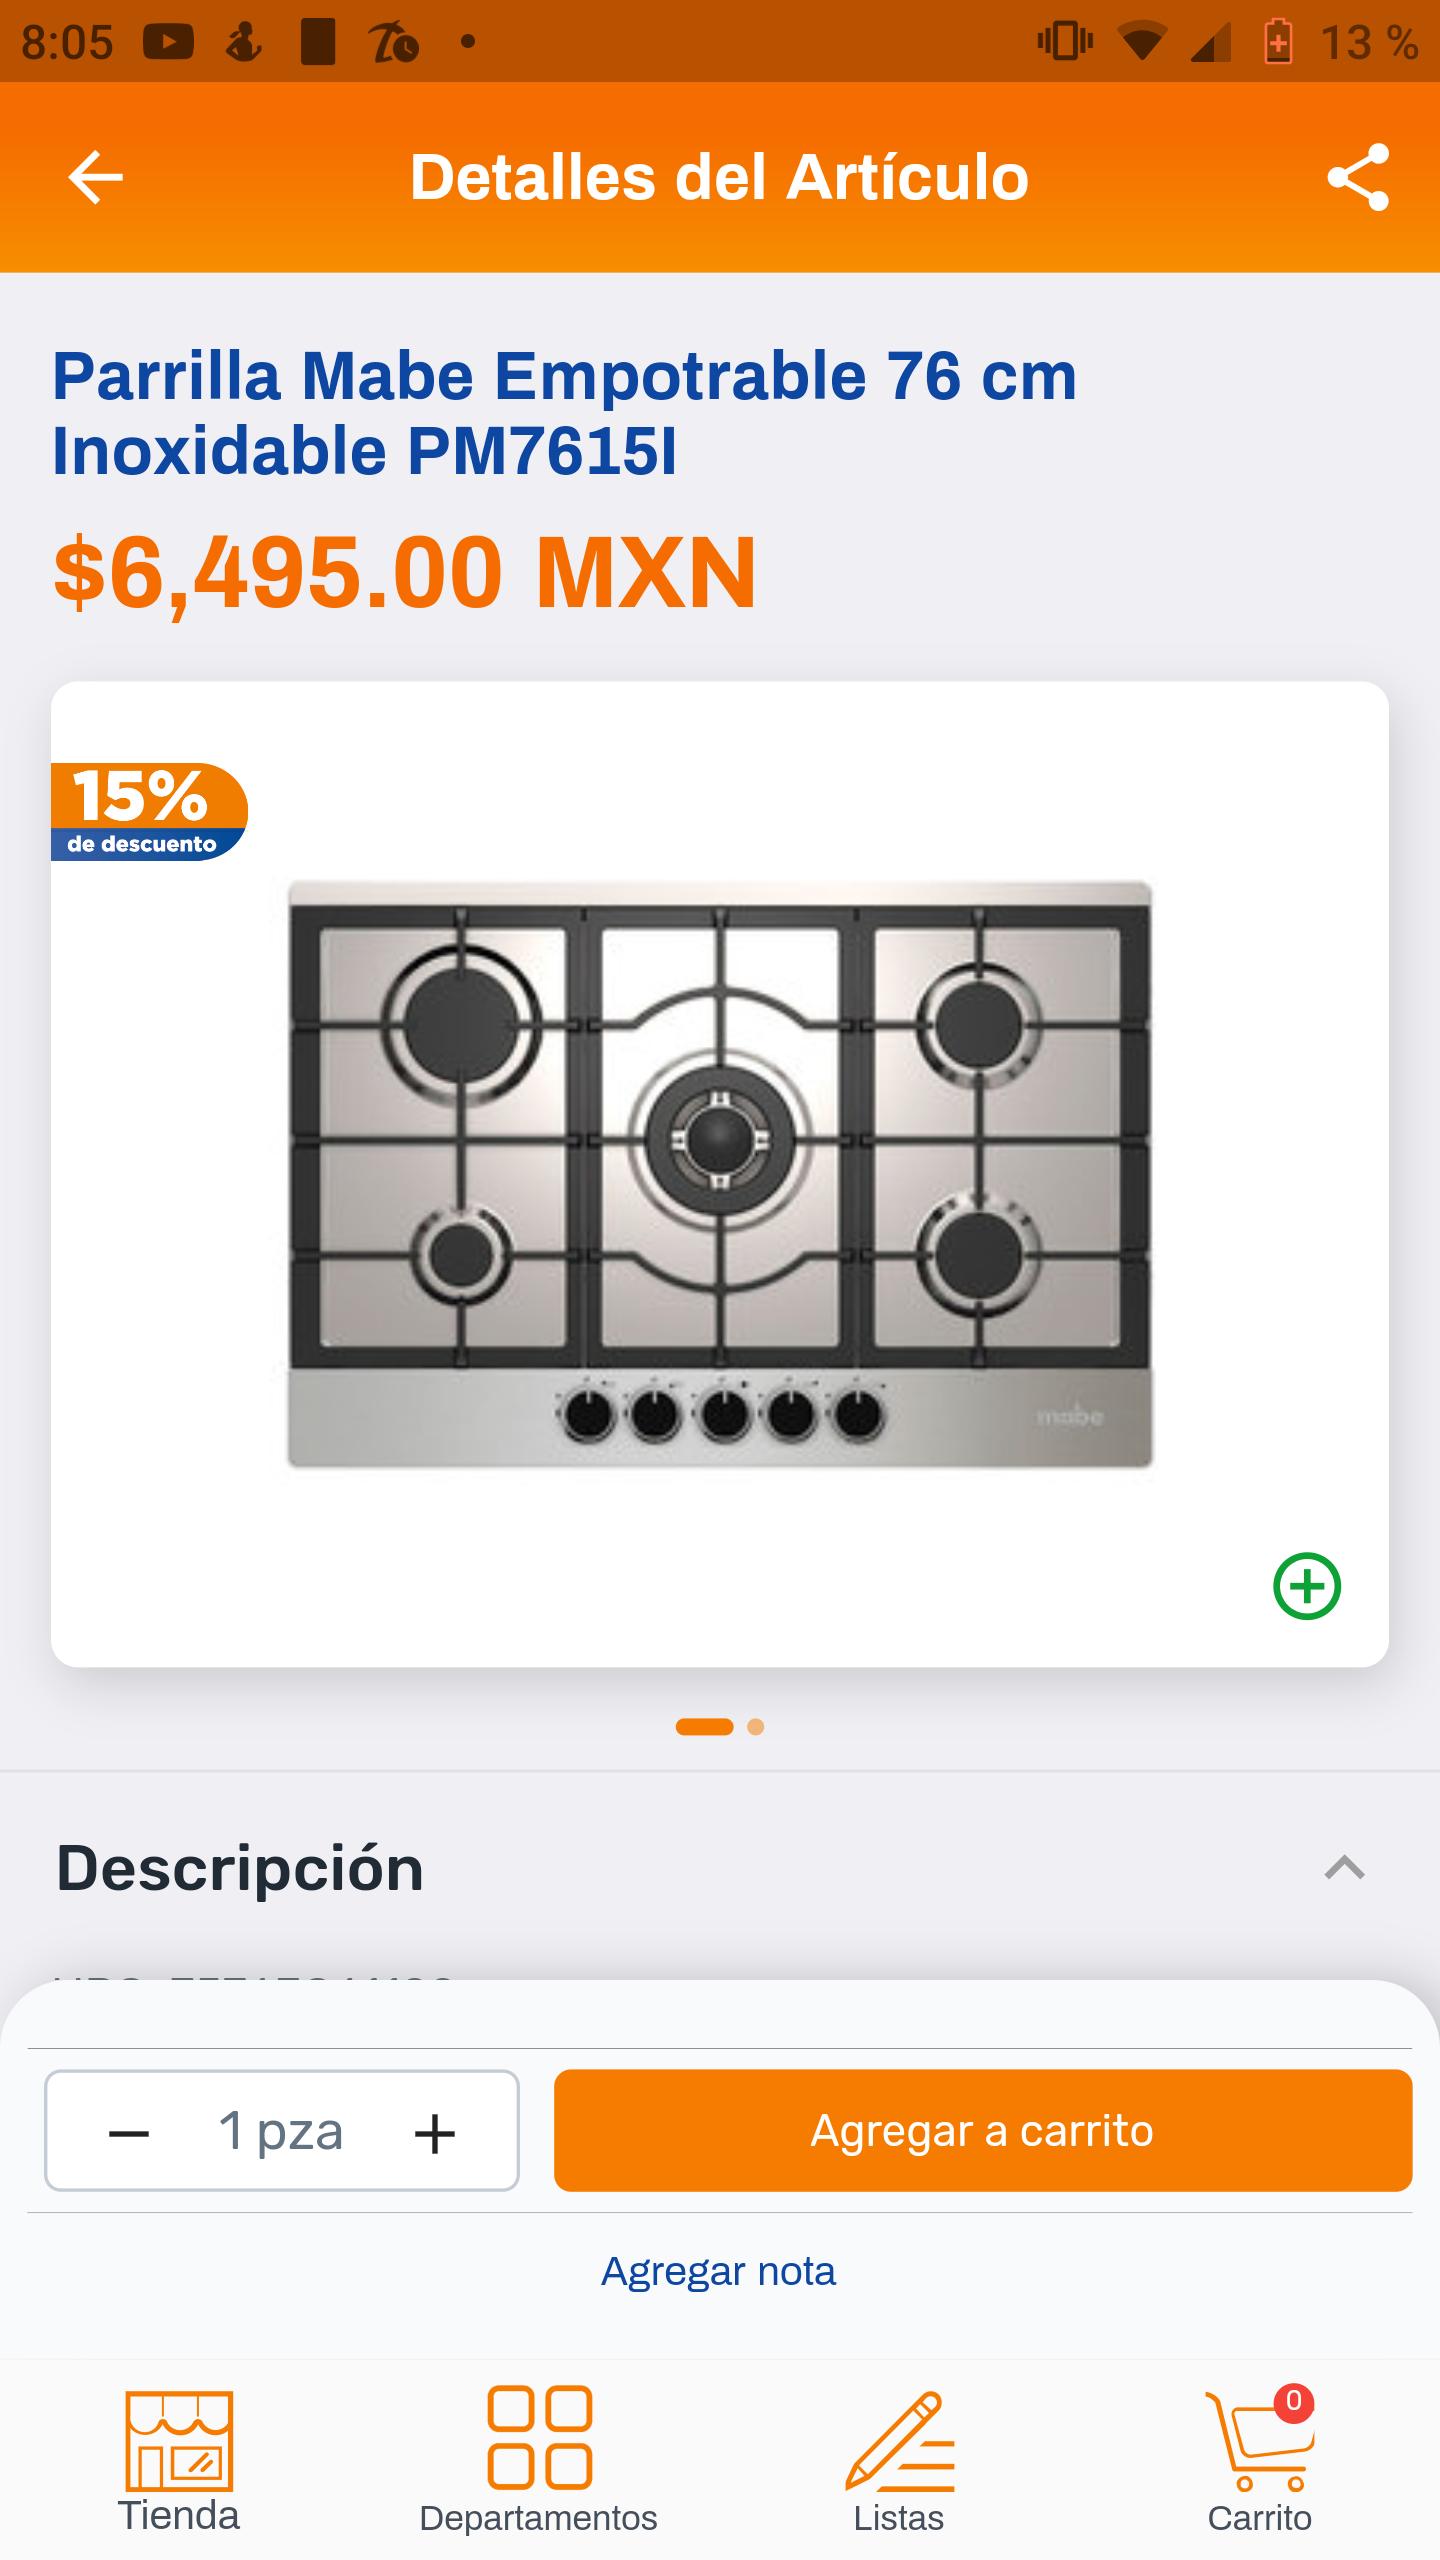 Chedraui: Parrilla mabe $4692.00 + $828.00 en monedero